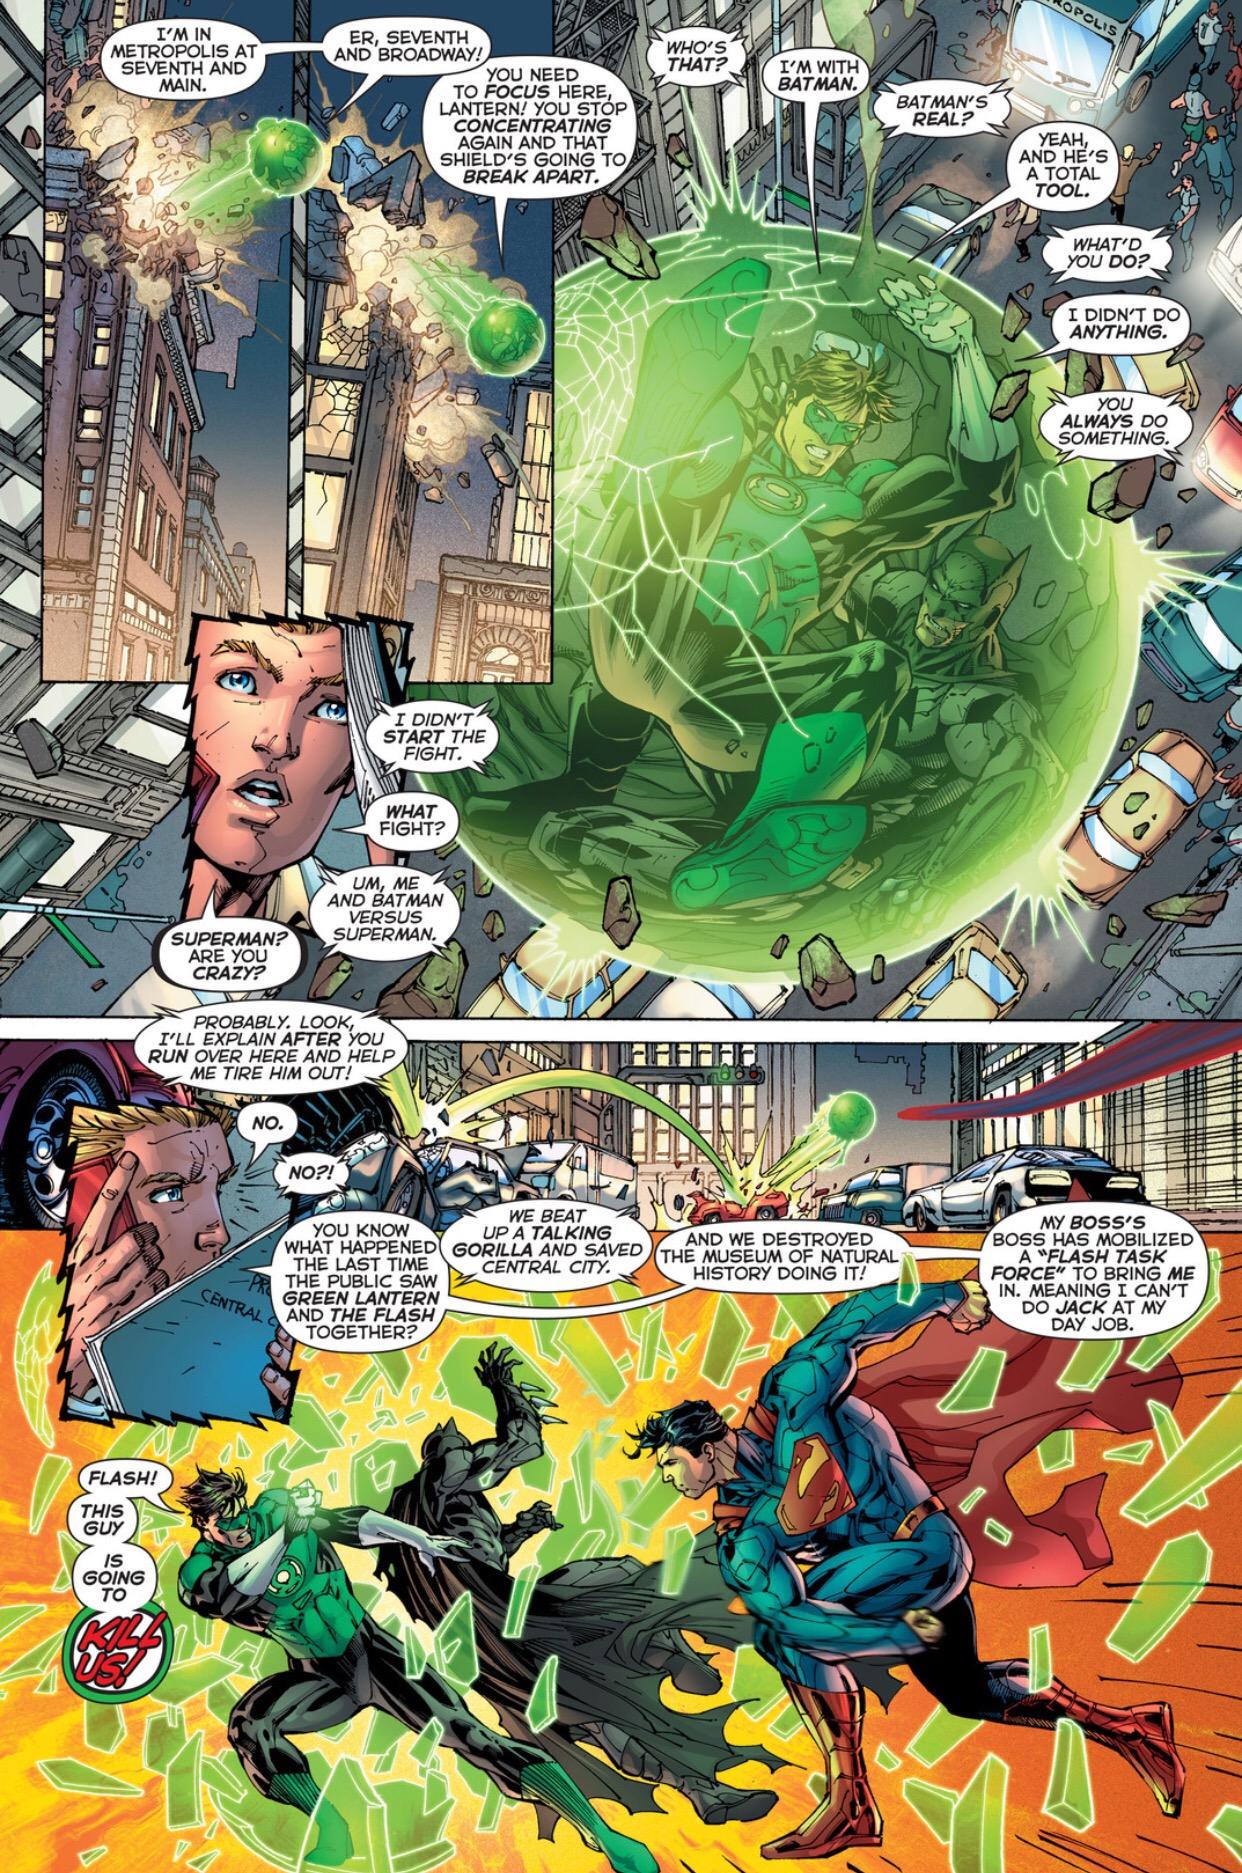 batman green lantern vs superman lowbrowcomics